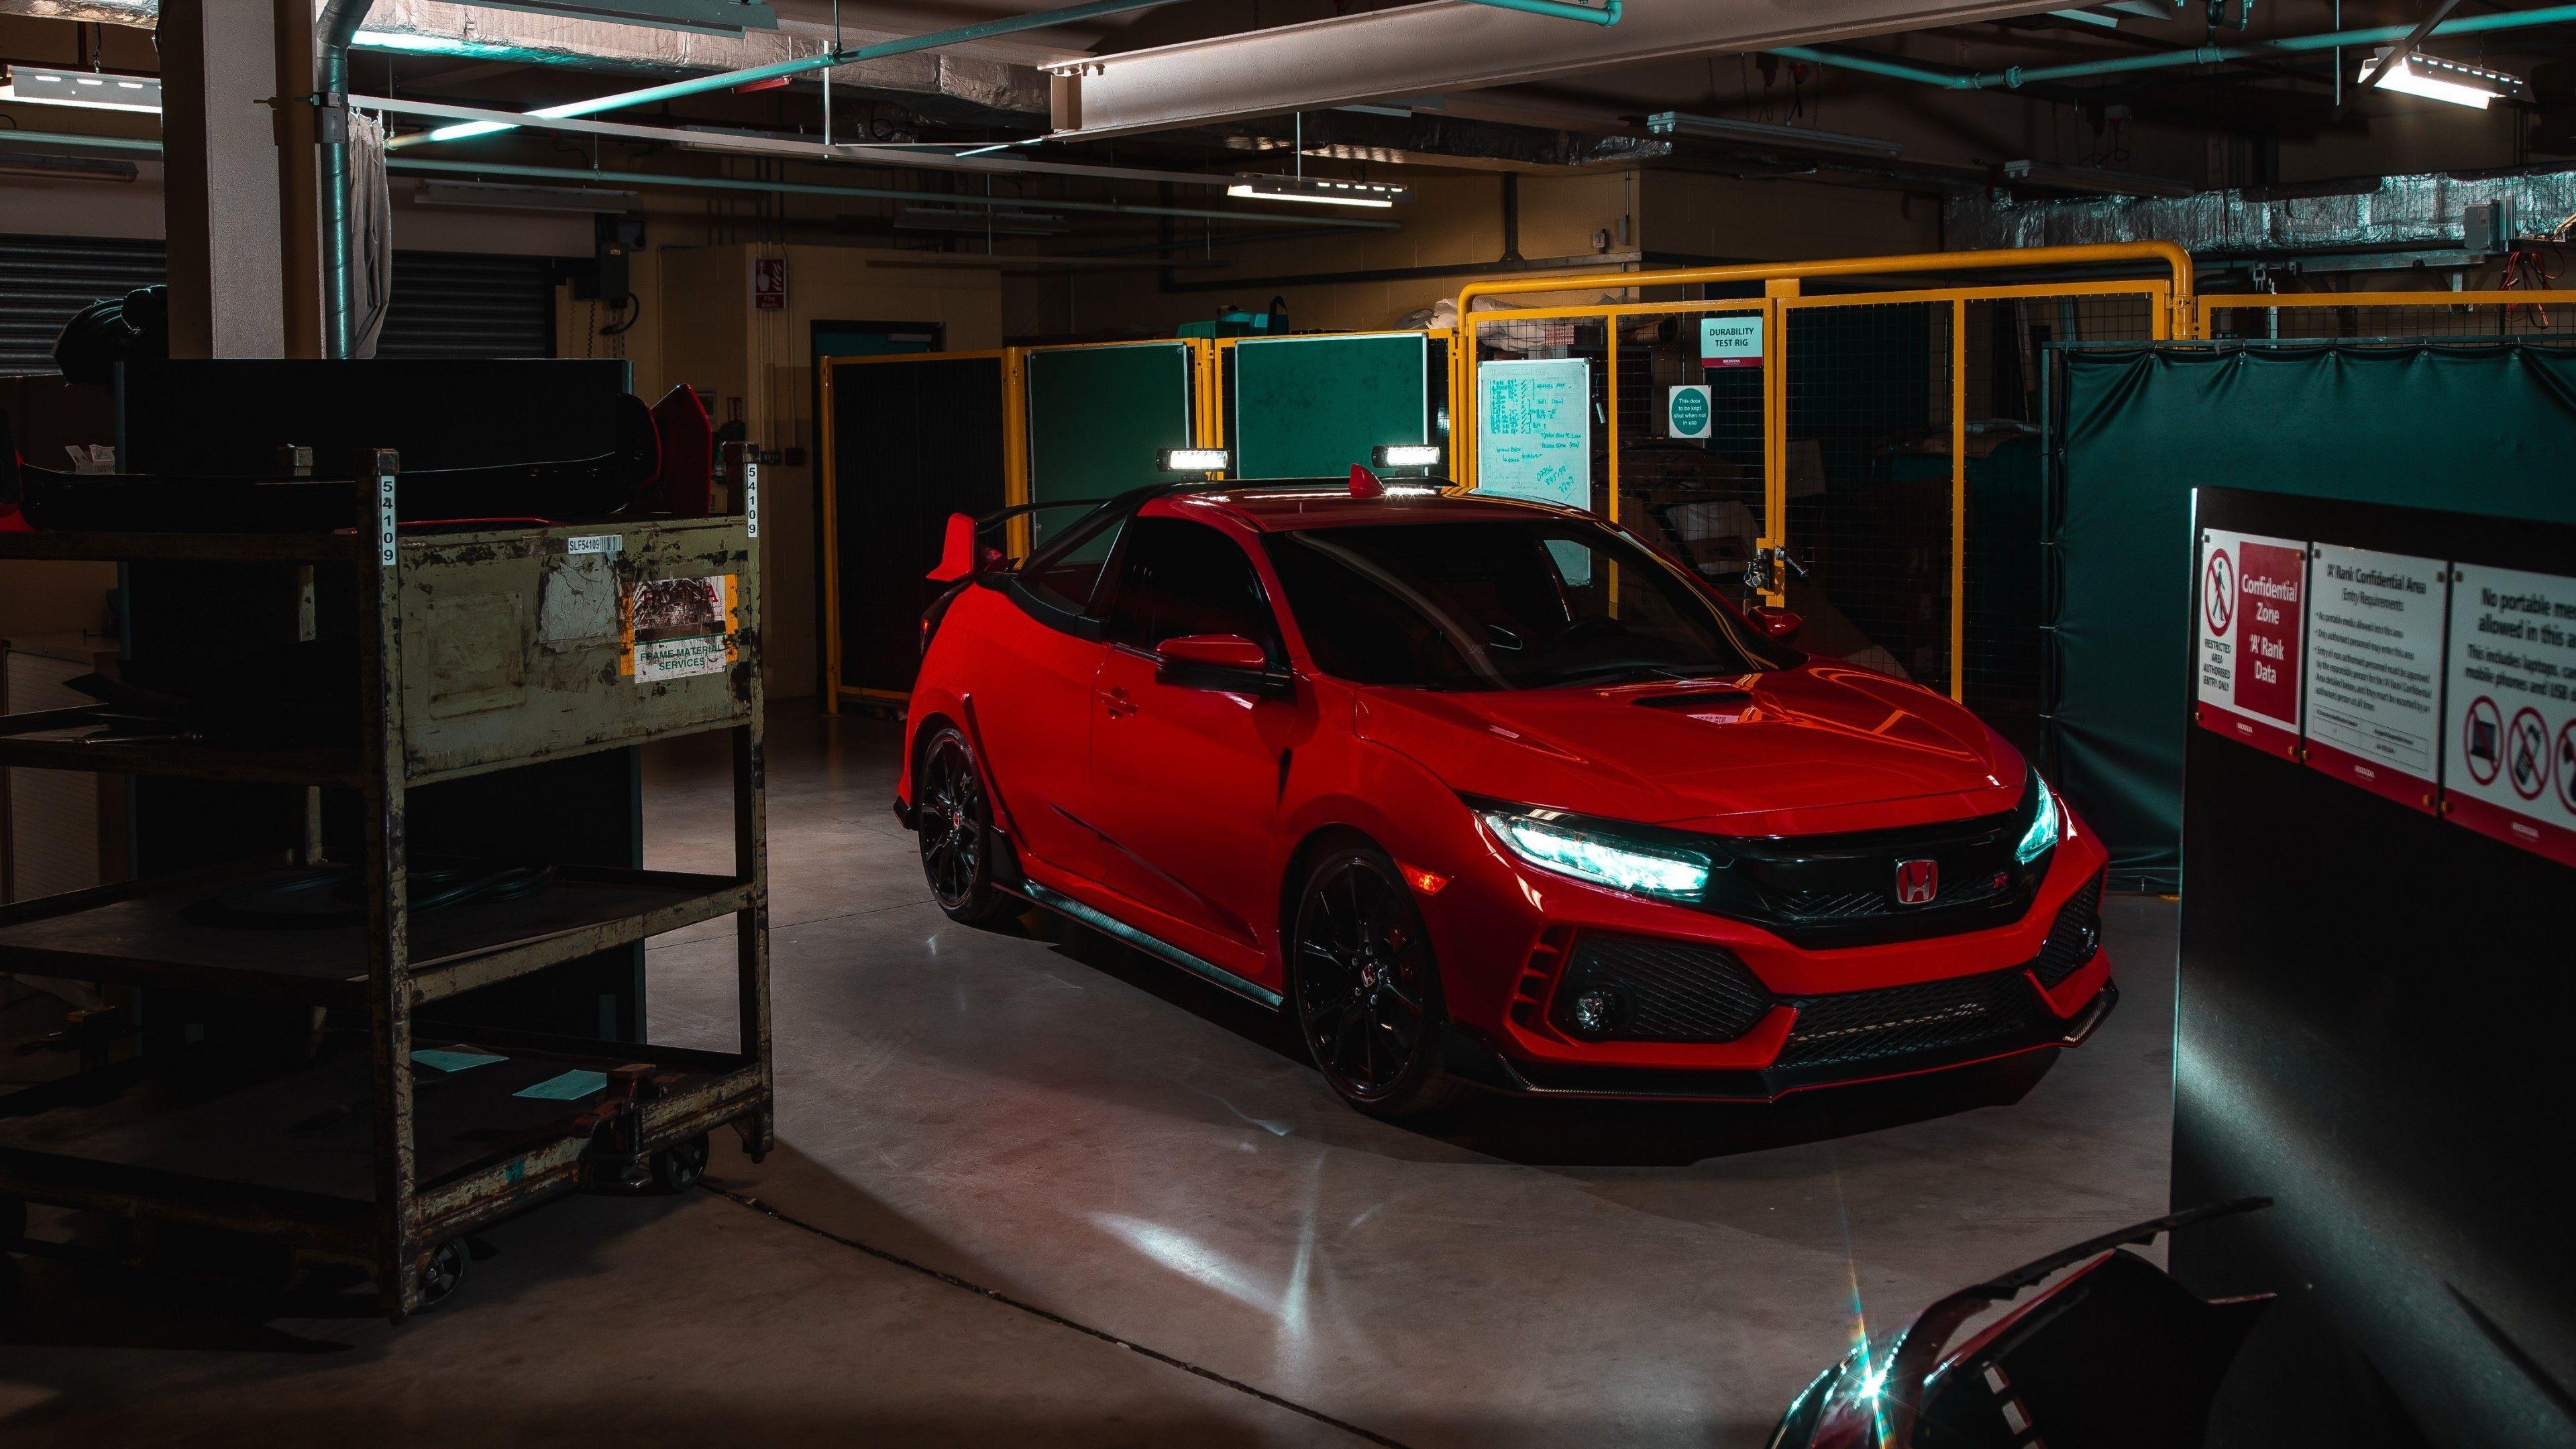 4k Honda Civic Wallpapers Top Free 4k Honda Civic Backgrounds